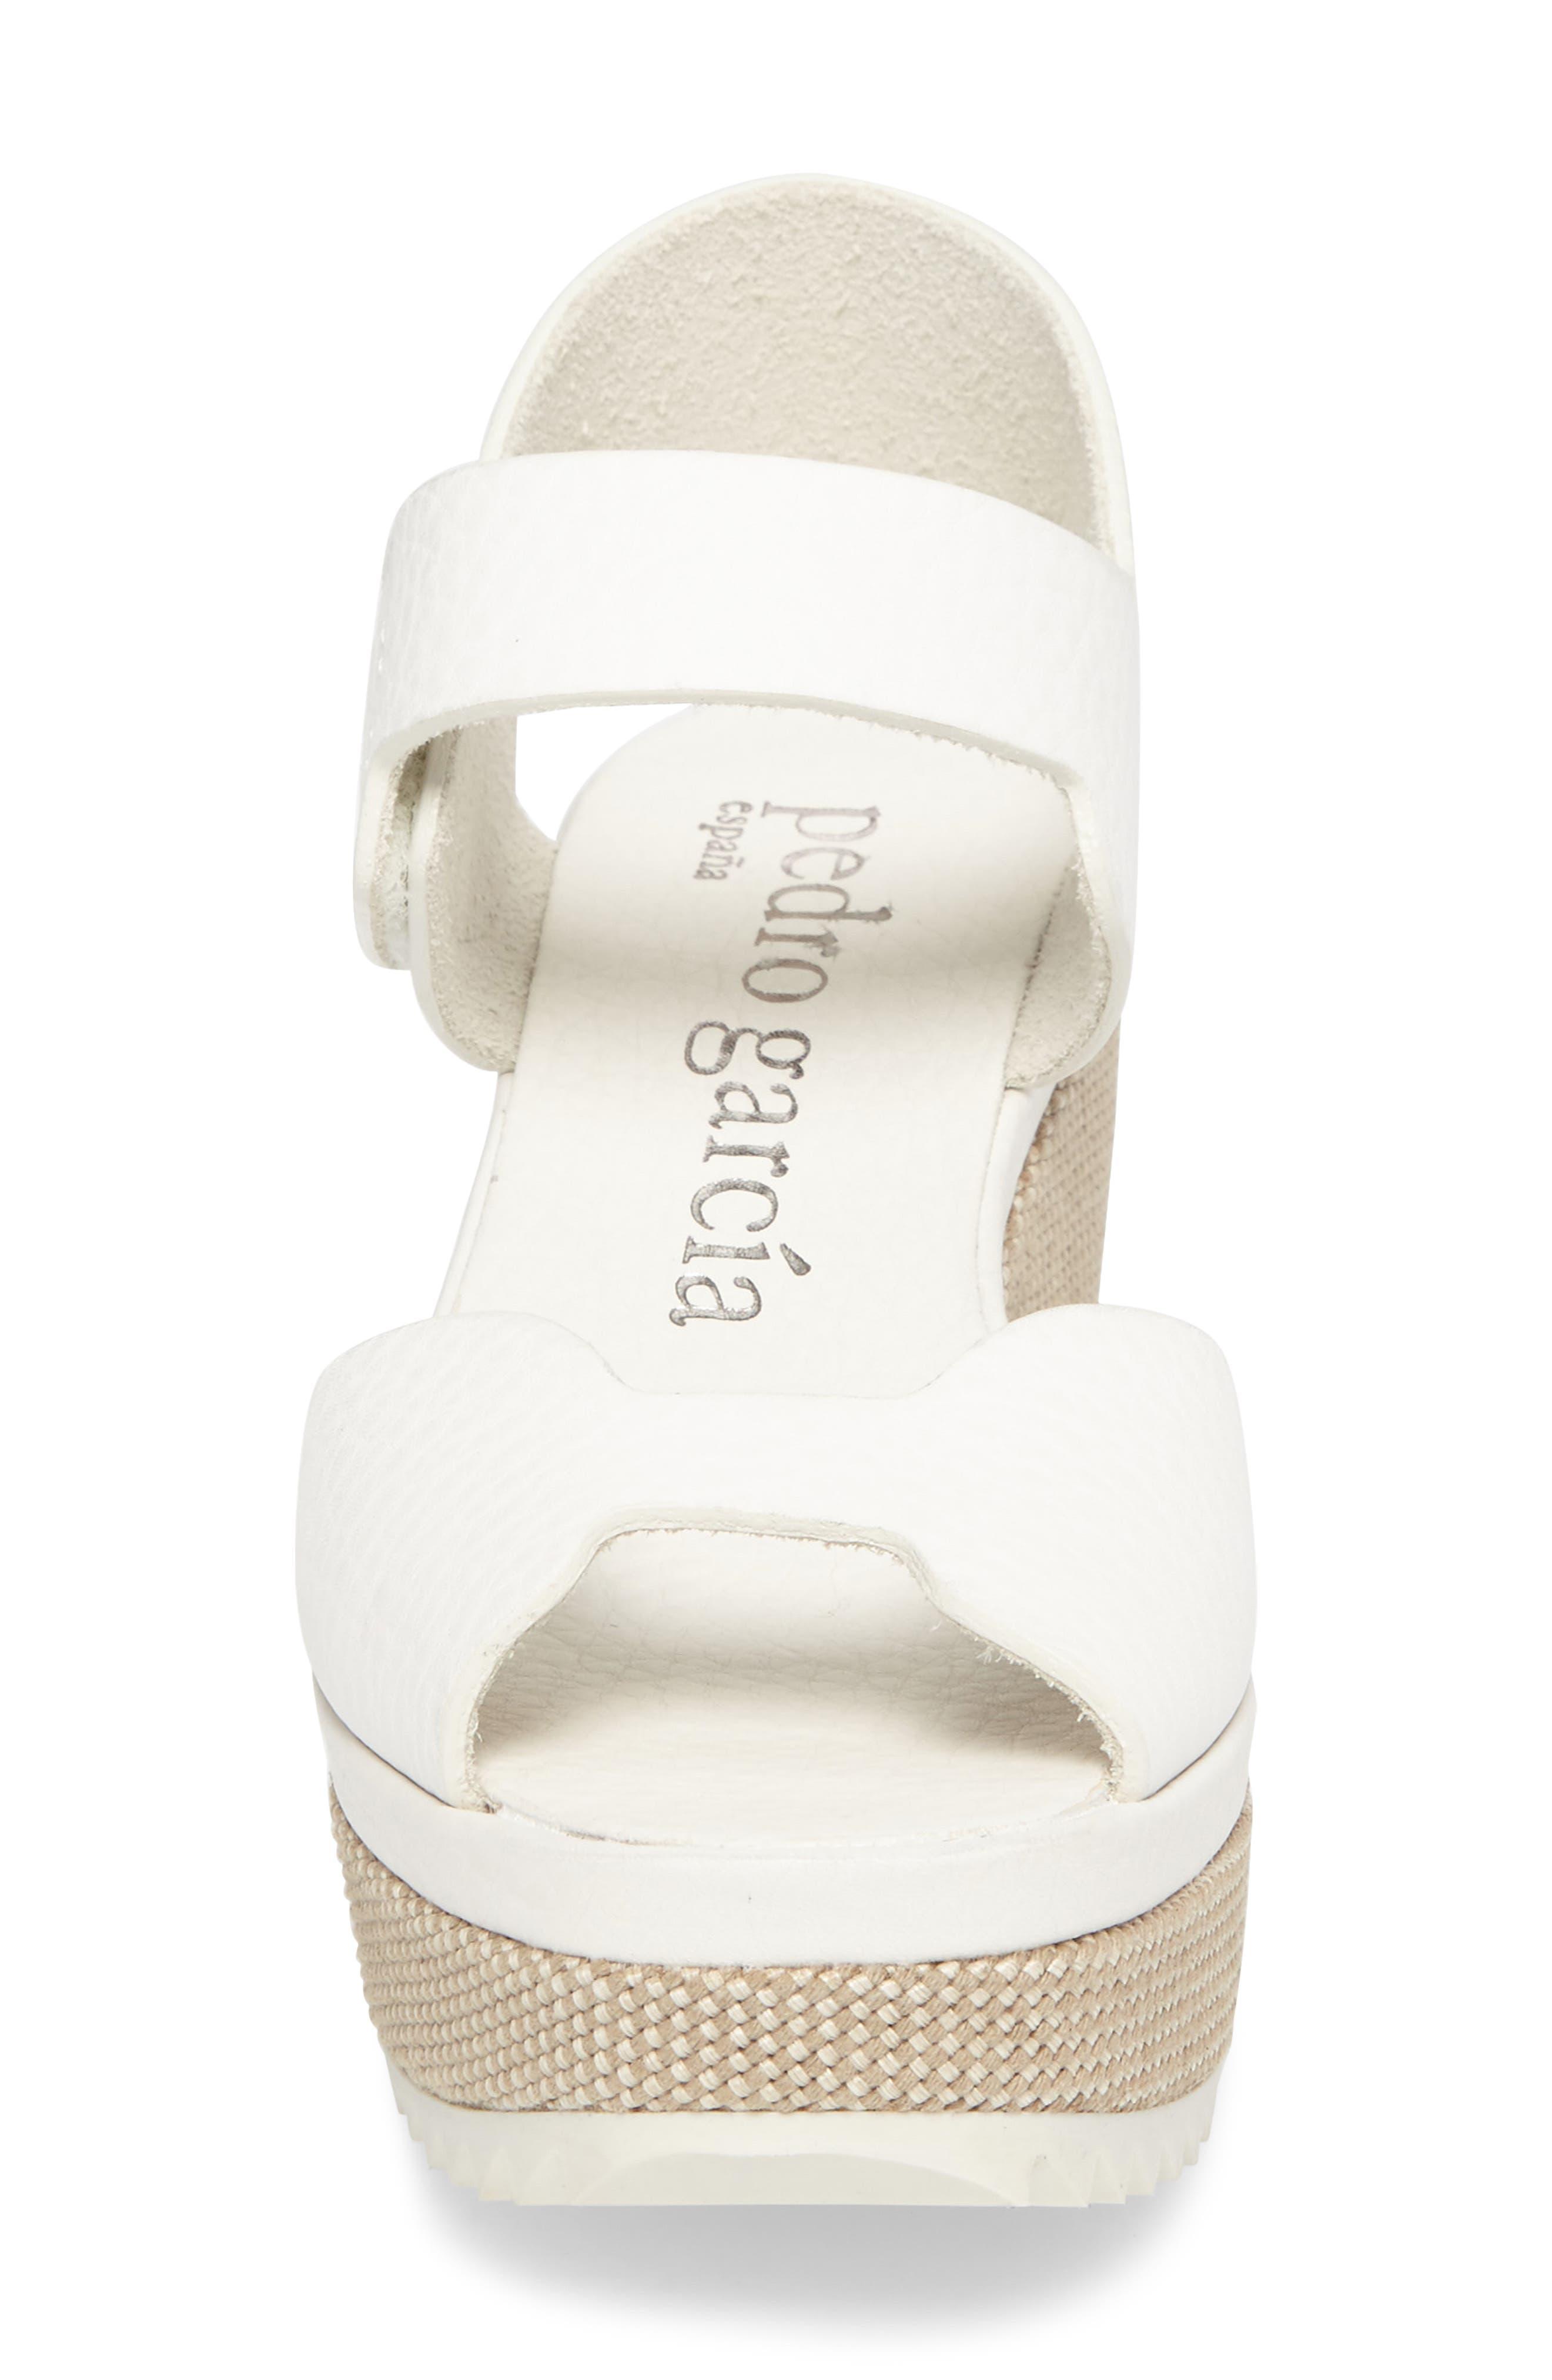 Fah Wedge Sandal,                             Alternate thumbnail 4, color,                             White Cervo